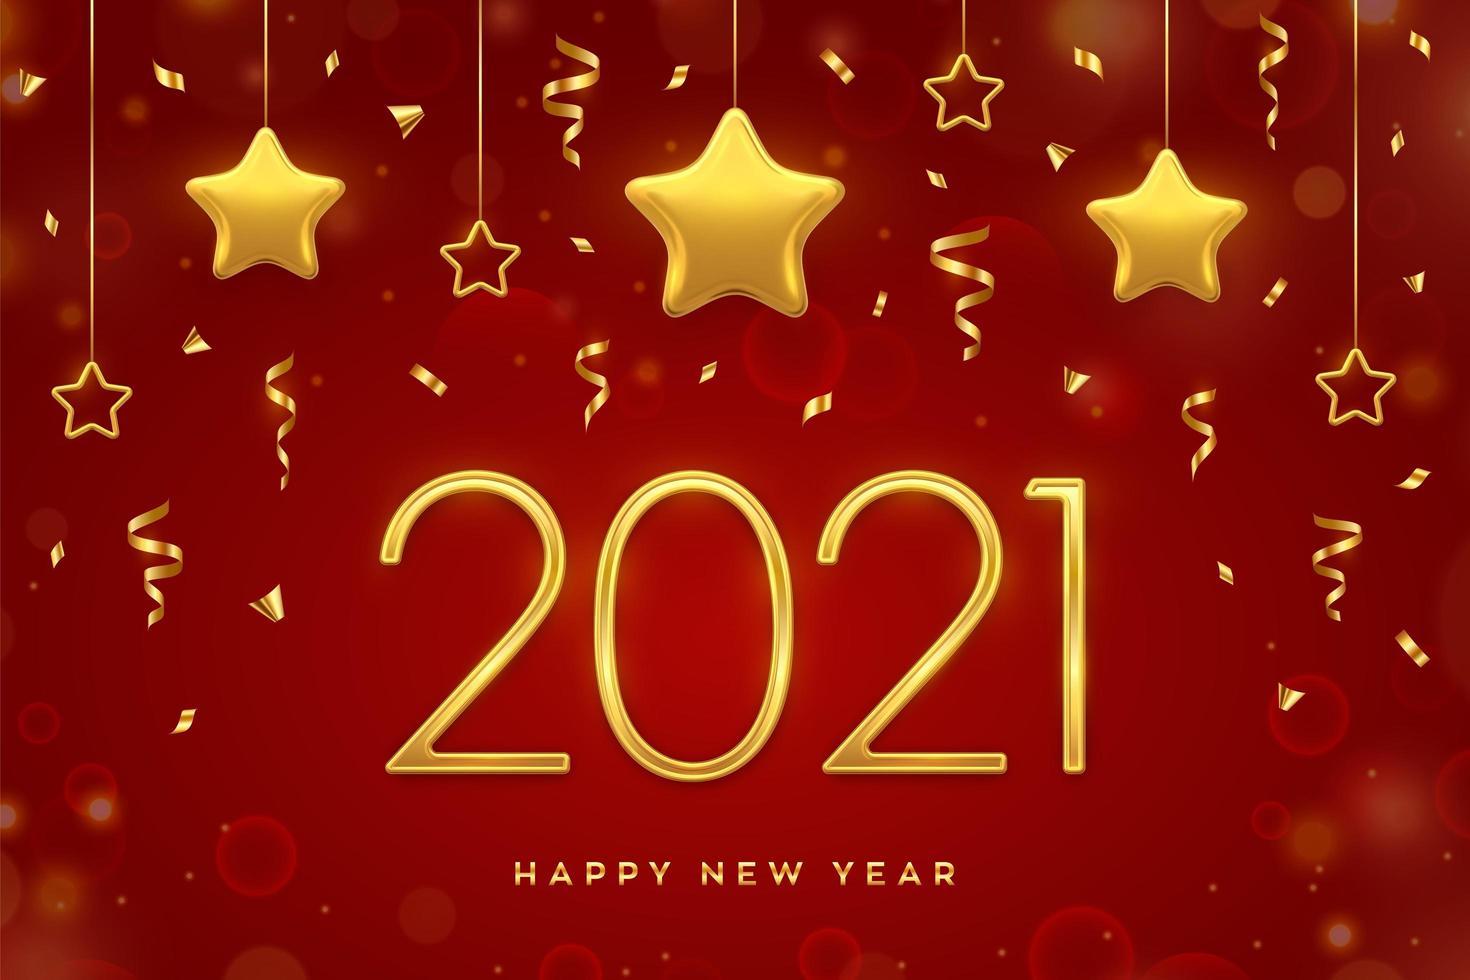 goldener Text des neuen Jahres und hängende Sterne vektor